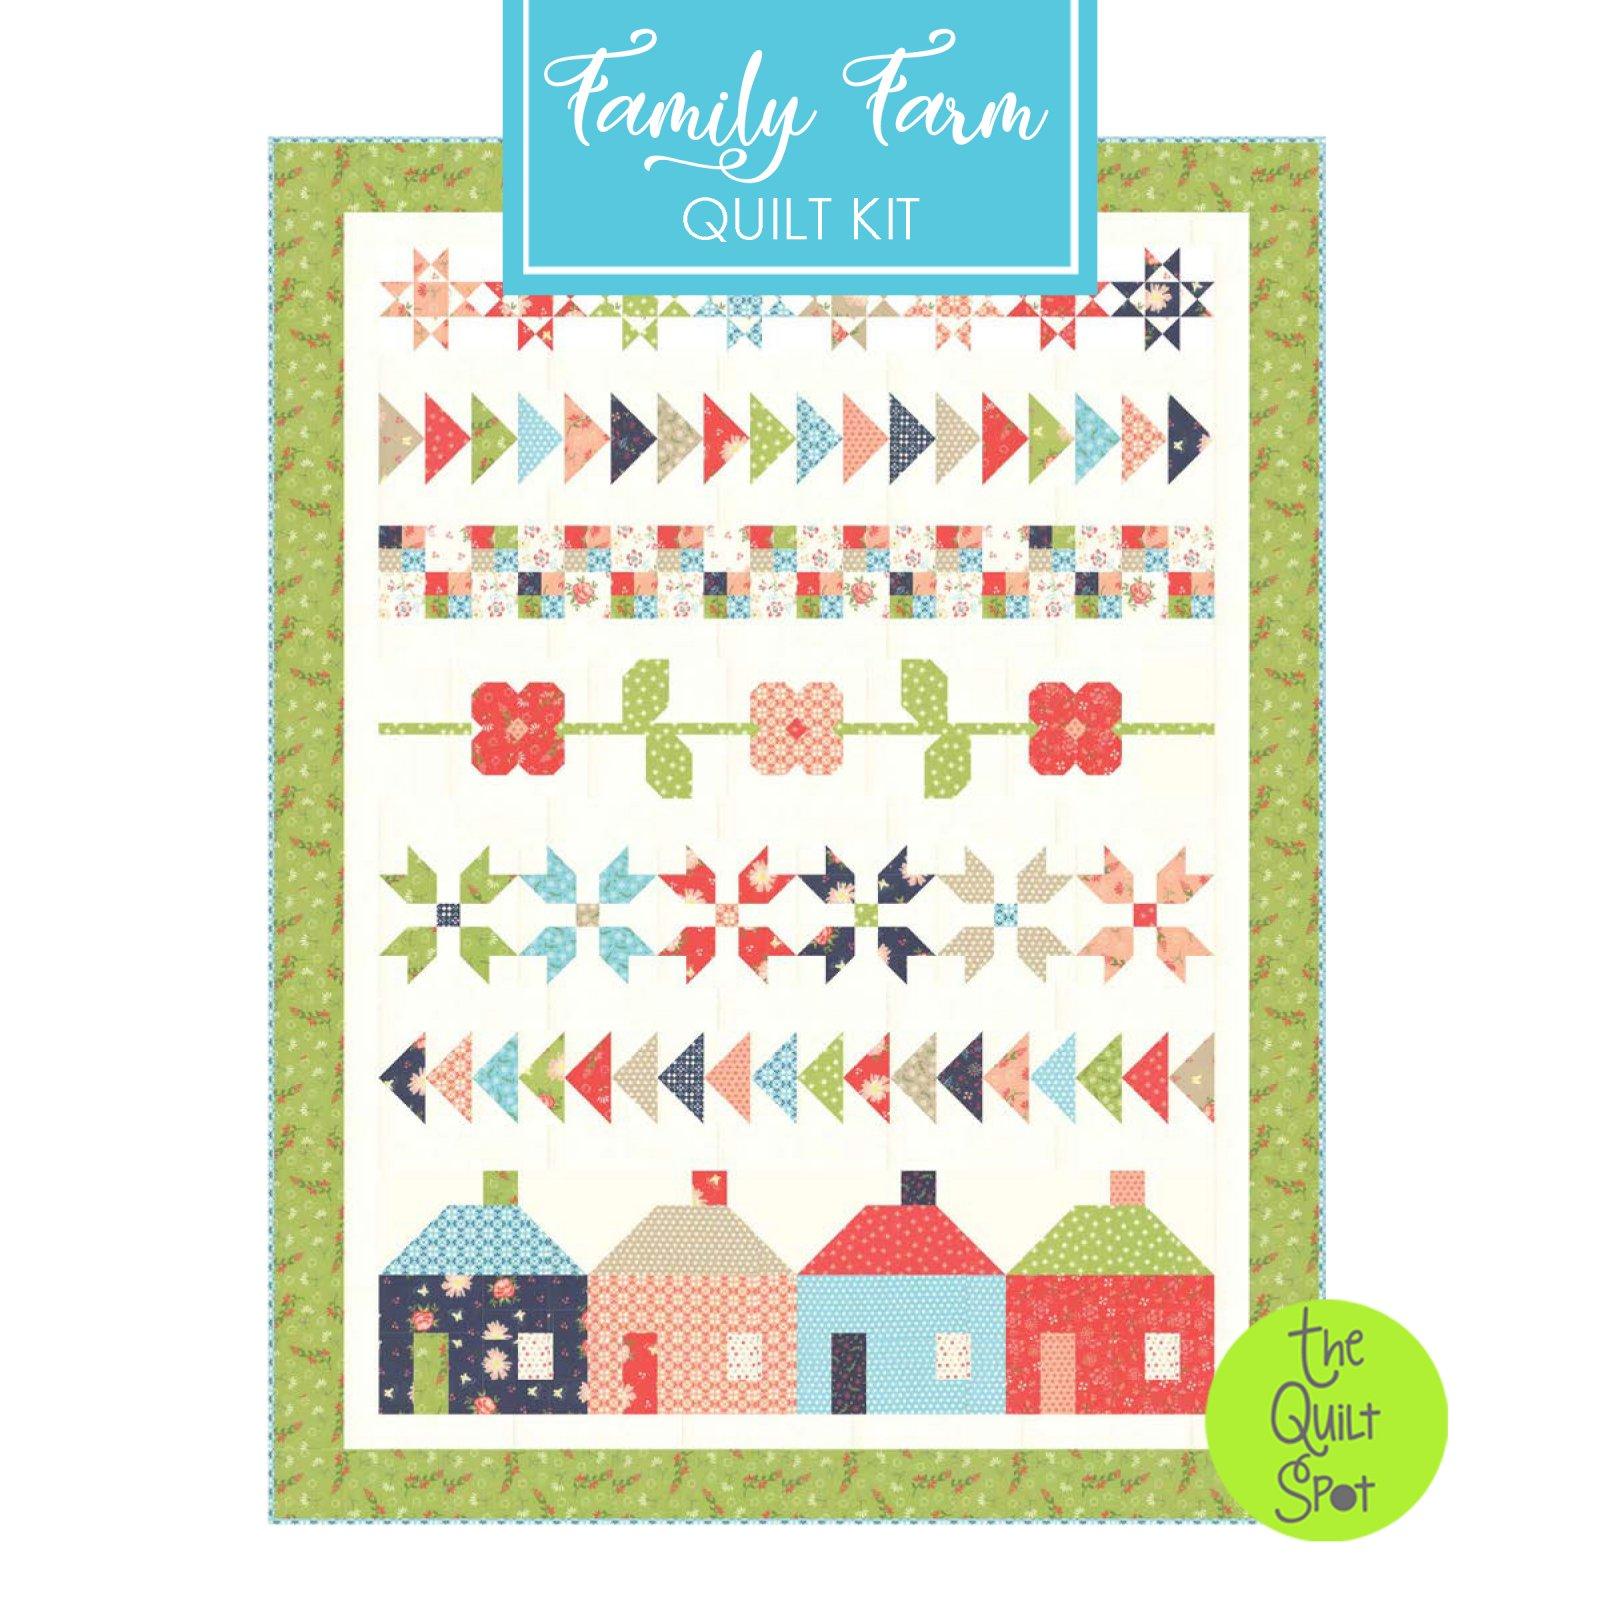 Family Farm Quilt Kit